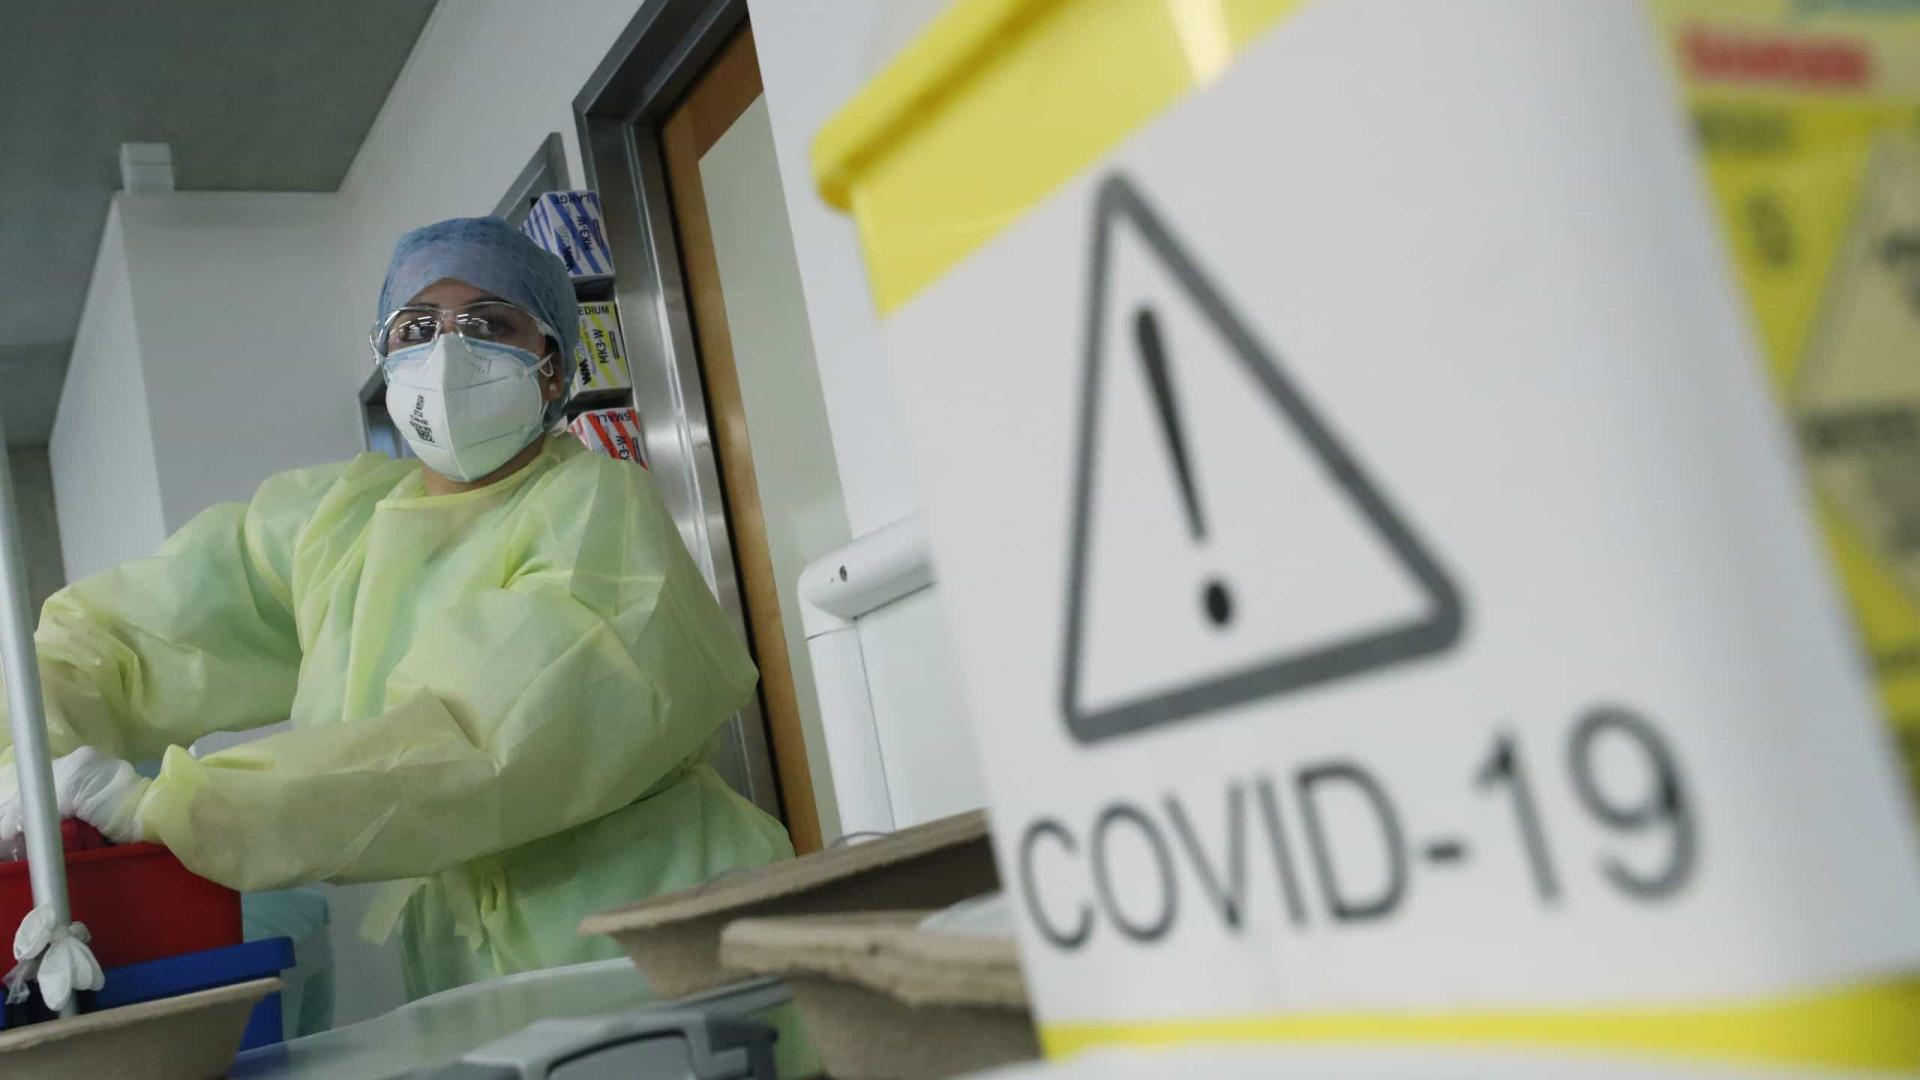 Vacina italiana começa a ser testada em humanos em 24 de agosto